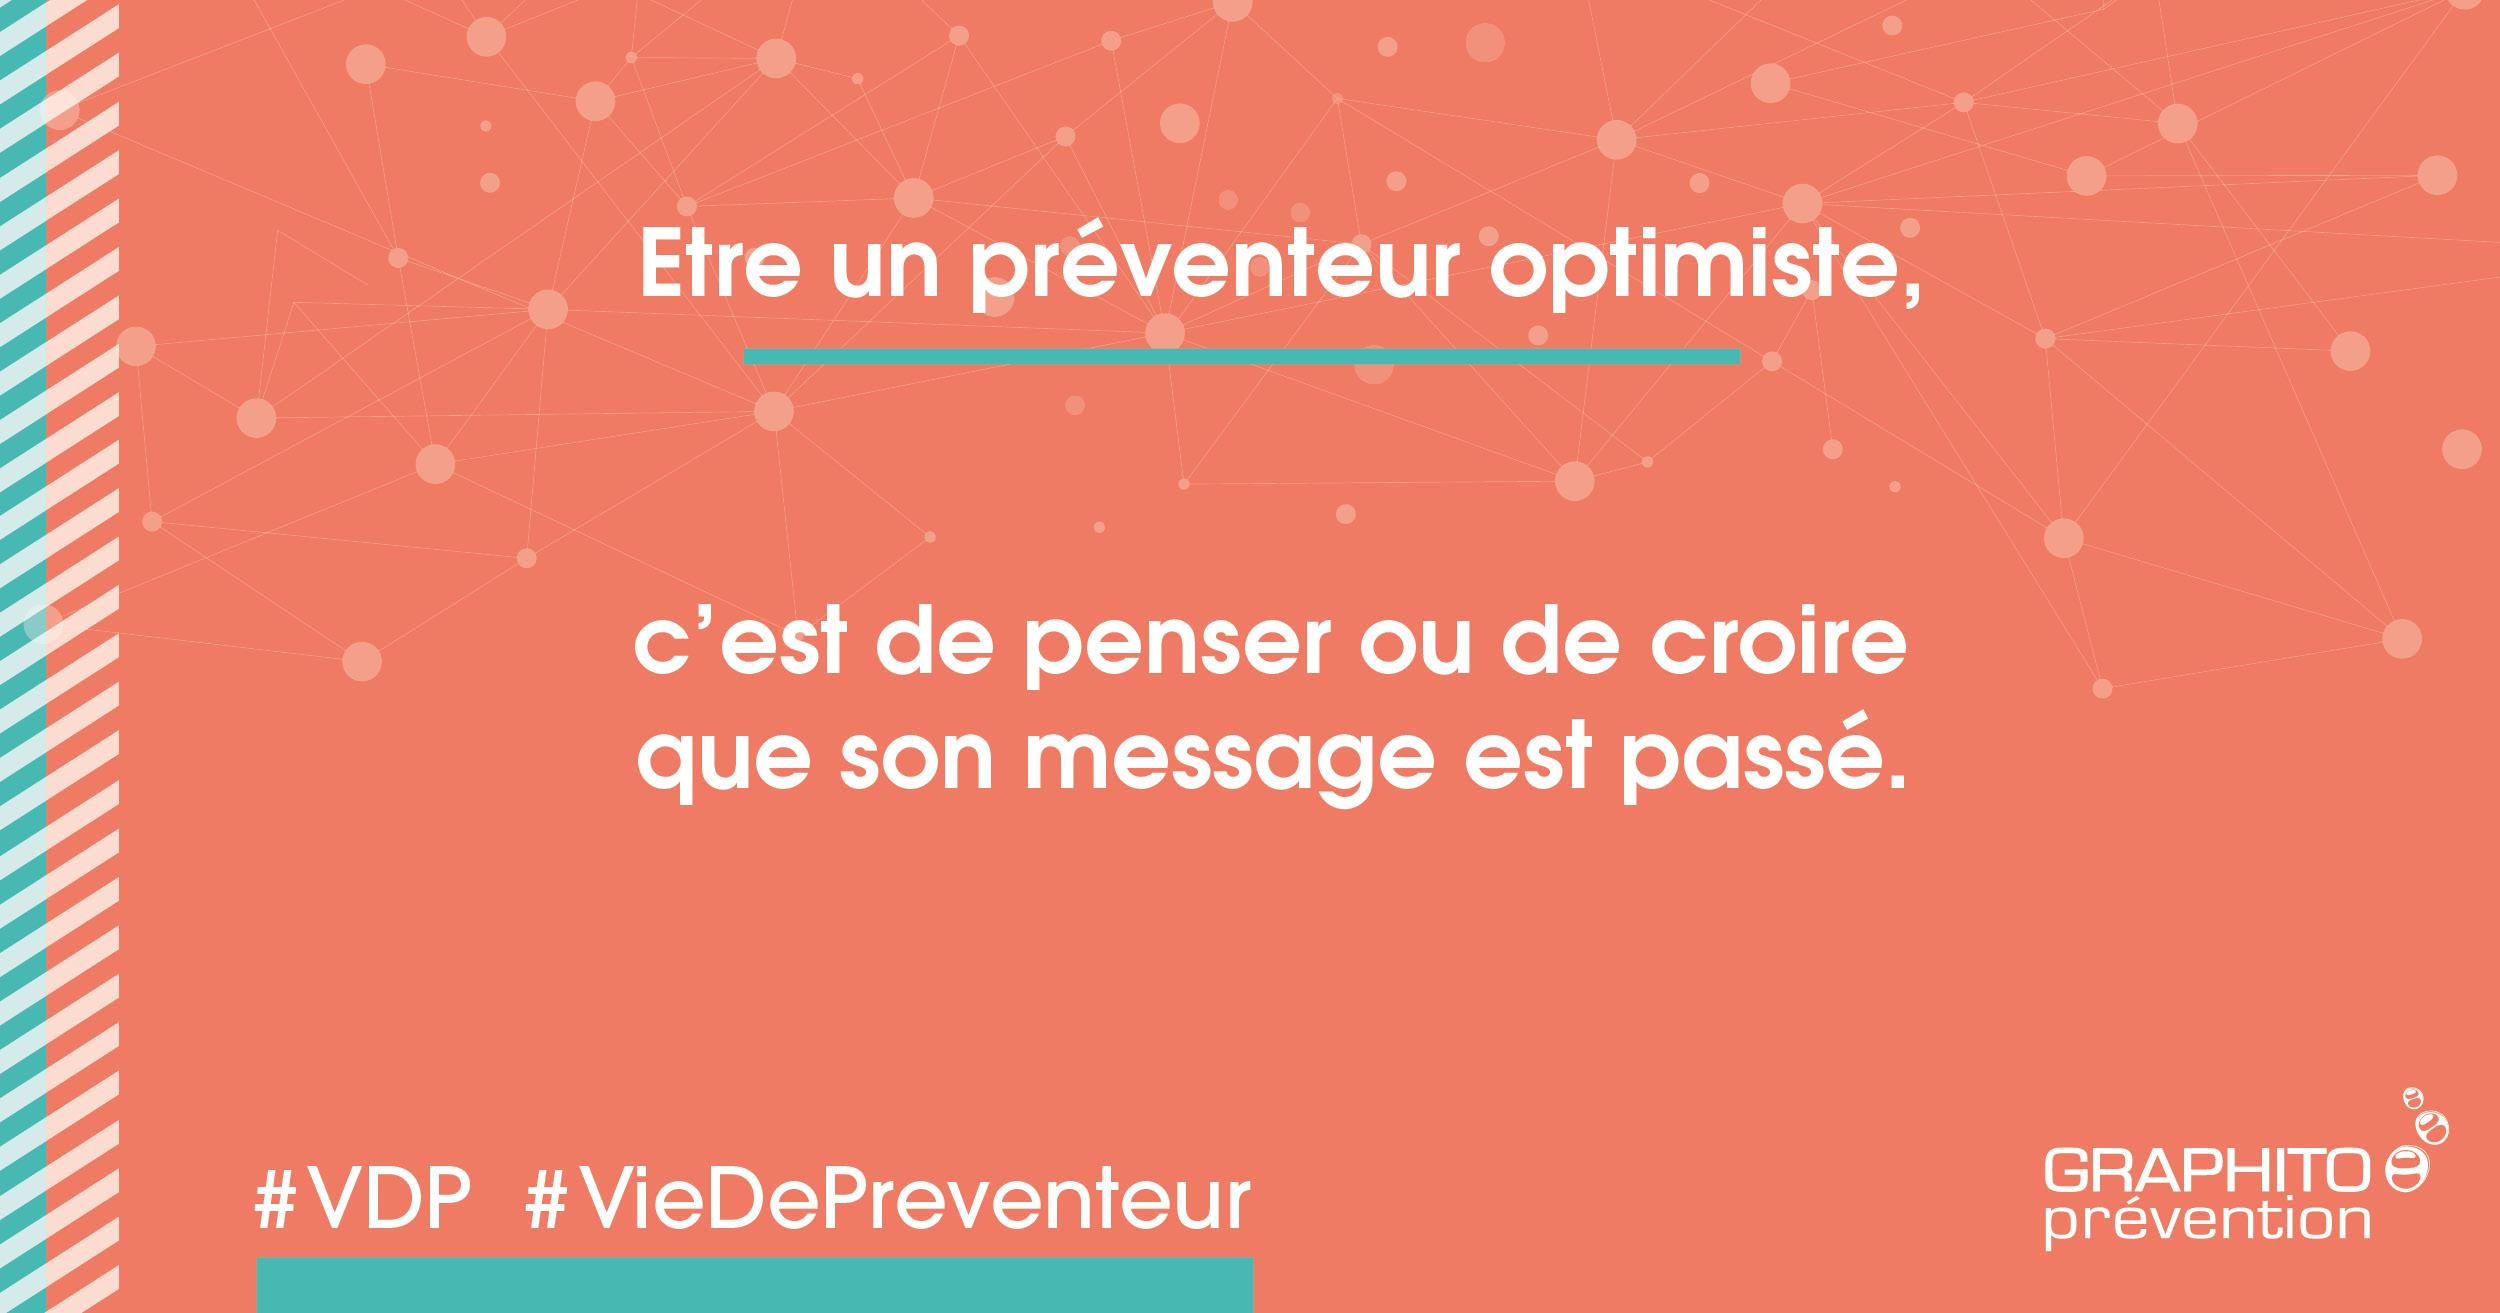 Etre un préventeur optimiste, c'est de penser ou de croire que son message est passé.